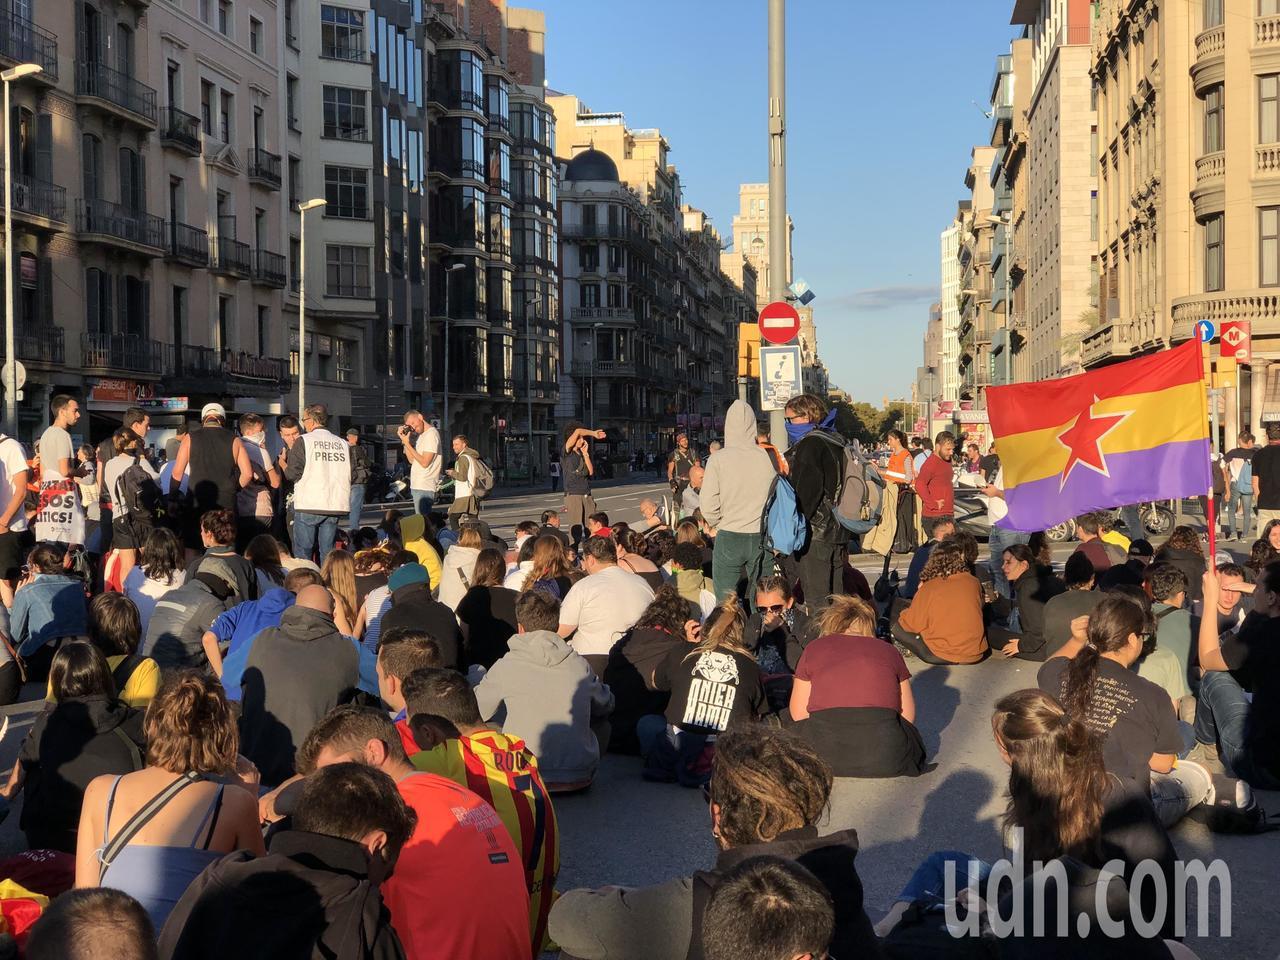 巴塞隆納民眾近日下午5時都到加泰隆尼亞廣場等地靜坐示威。記者何定照/攝影